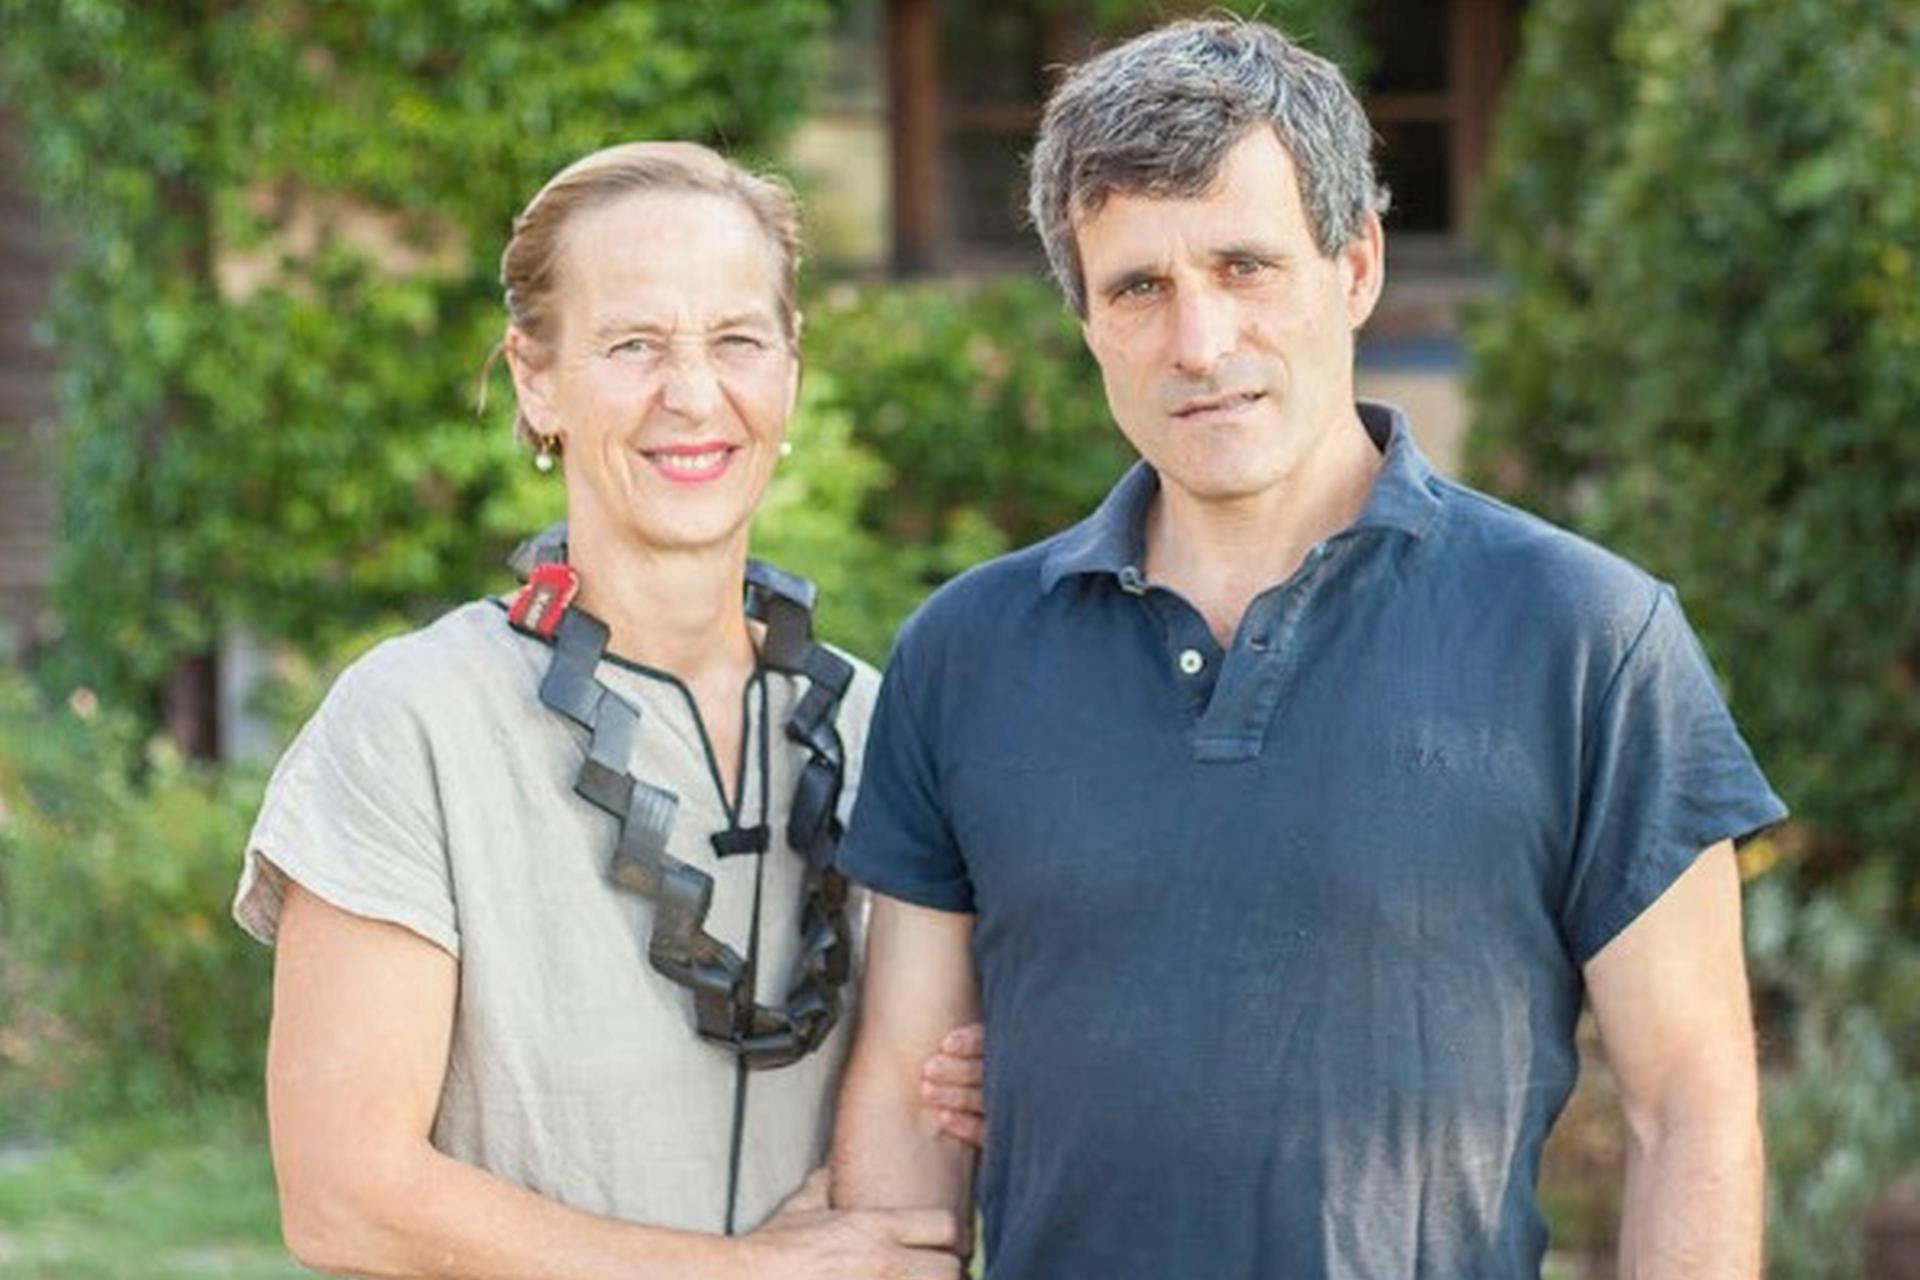 Agriturismo Toscane Kleinschalige agriturismo bij biologische boerderij | MyItaly.nl